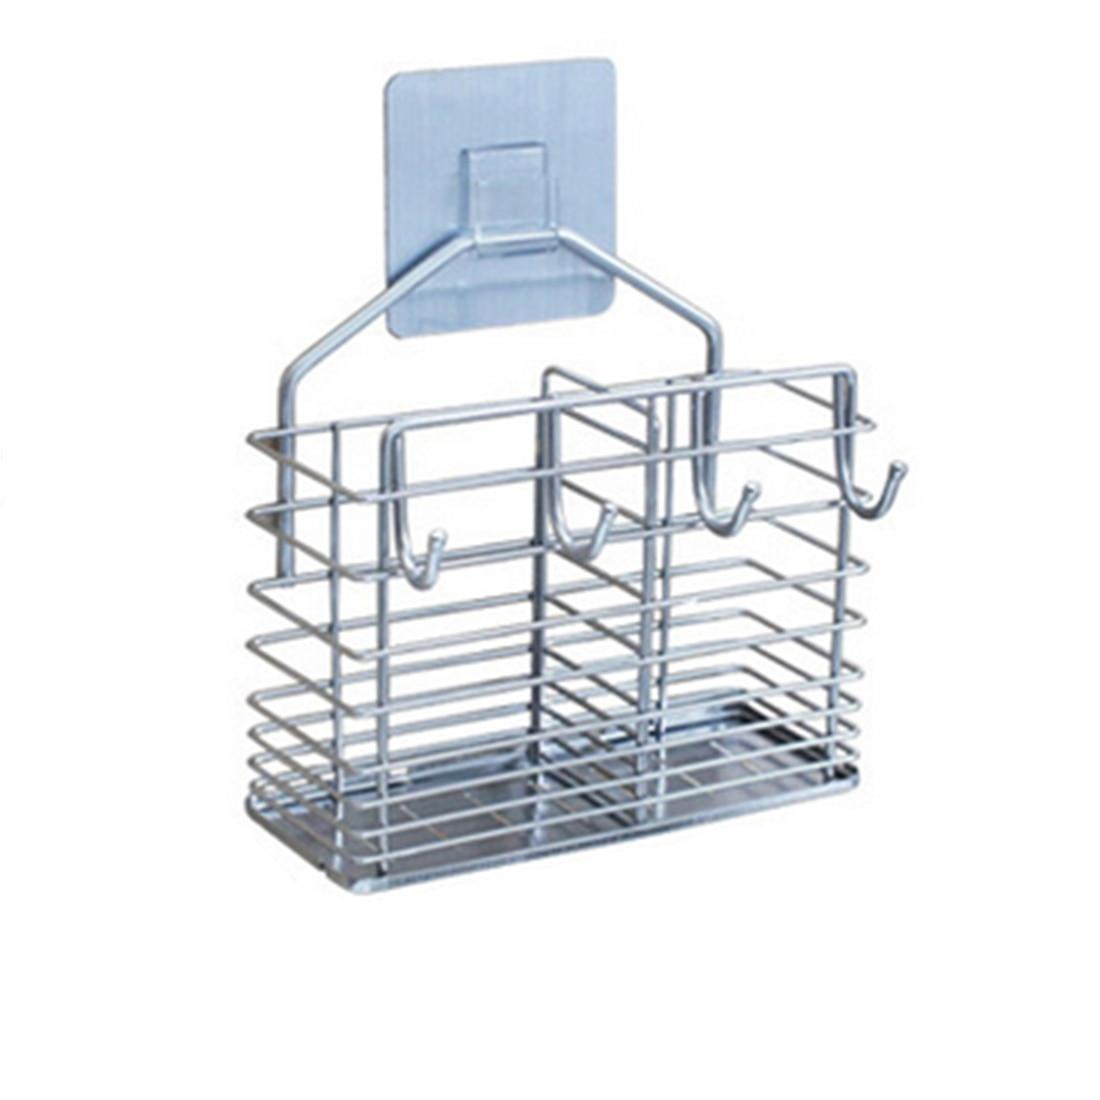 Stainless Steel Chopsticks Holder Draining Rack Tableware Storage Rack Kitchen Utensils Organization